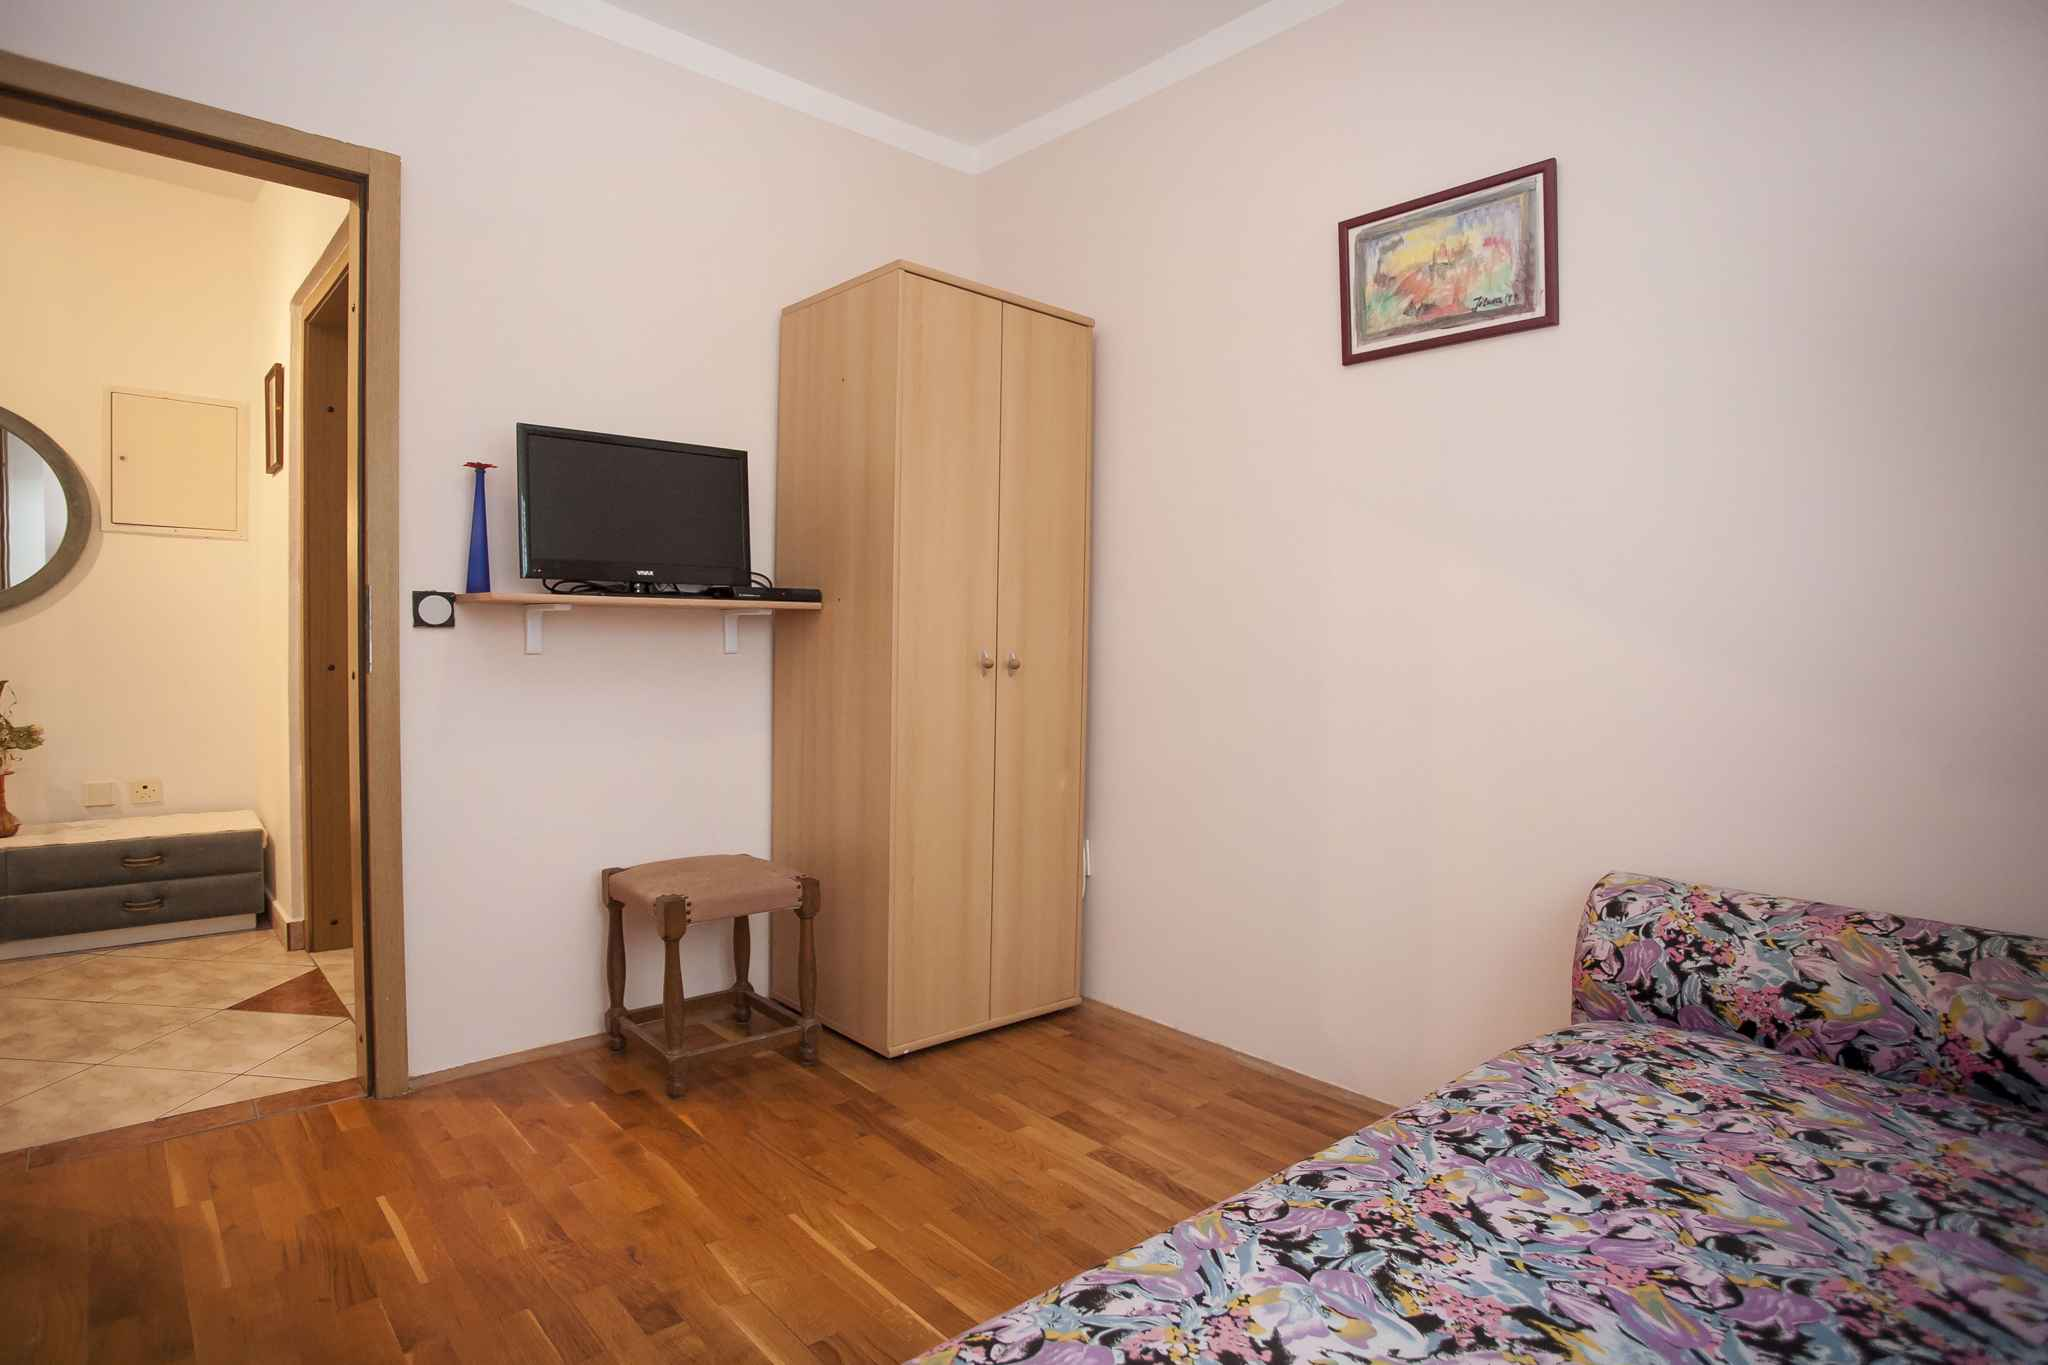 Ferienwohnung mit Balkon und Klimaanlage (281002), Rovinj, , Istrien, Kroatien, Bild 15